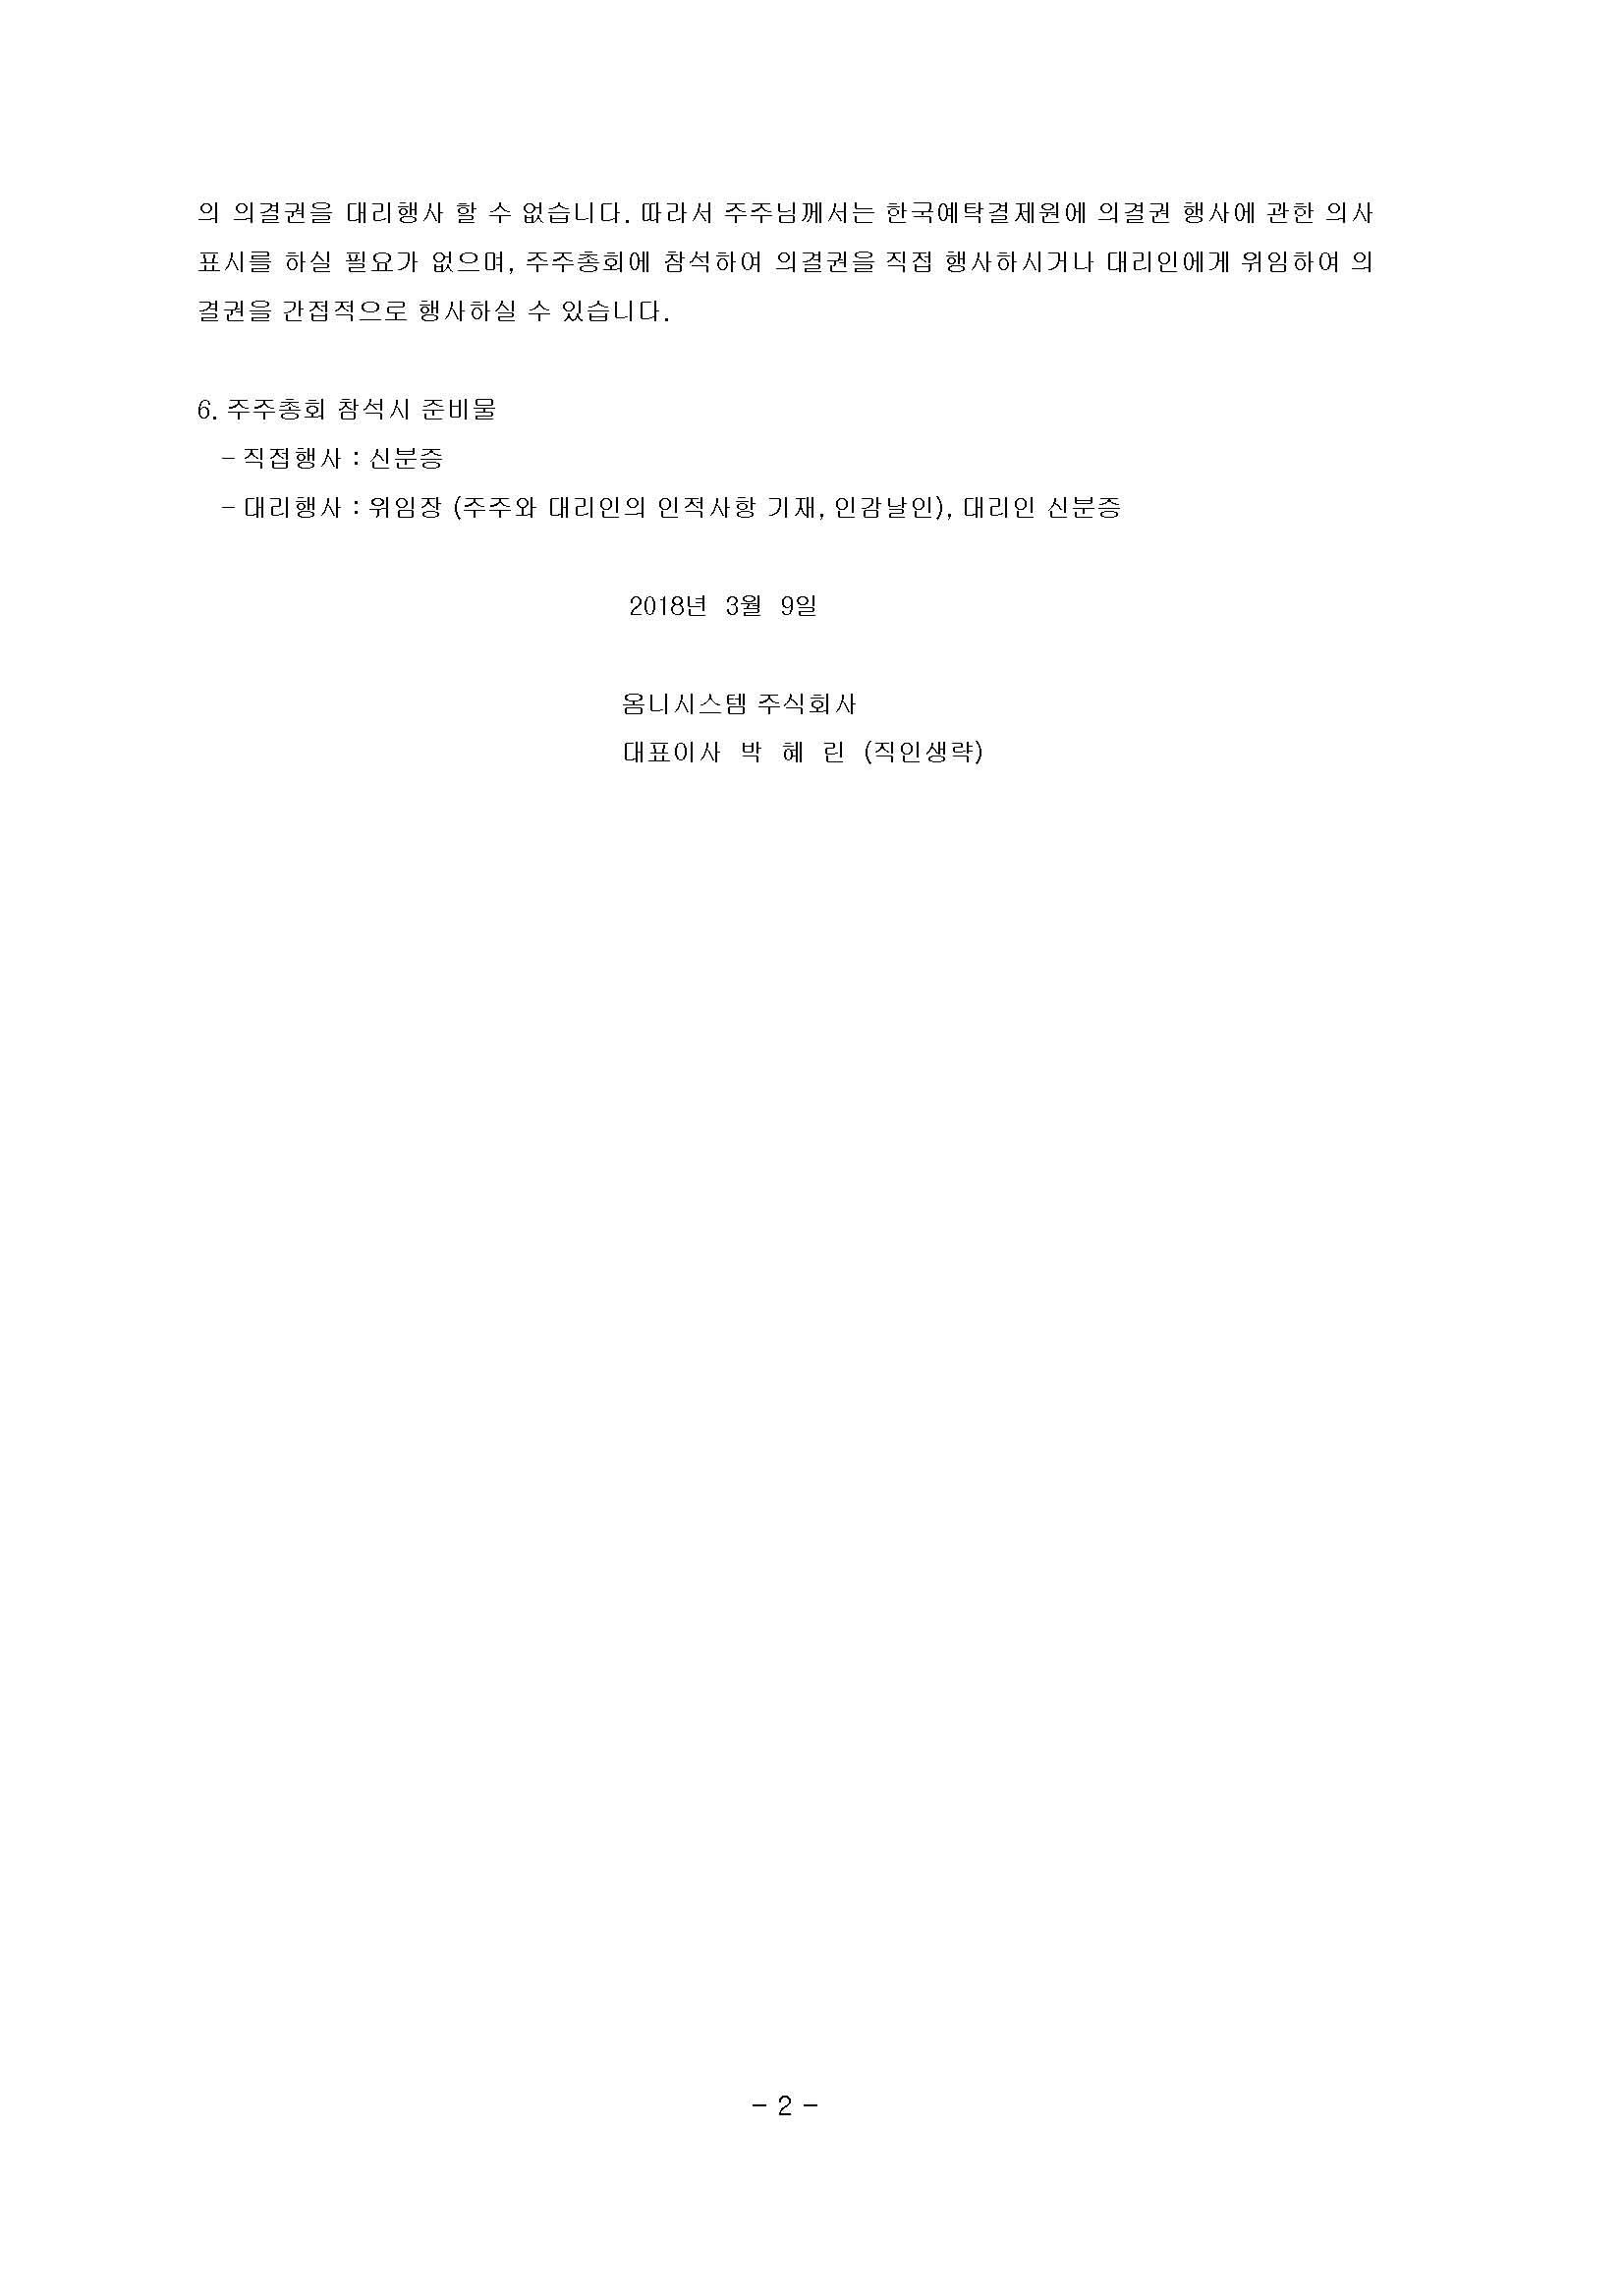 20180309 주주총회 소집공고-옴니시스템_페이지_03.jpg